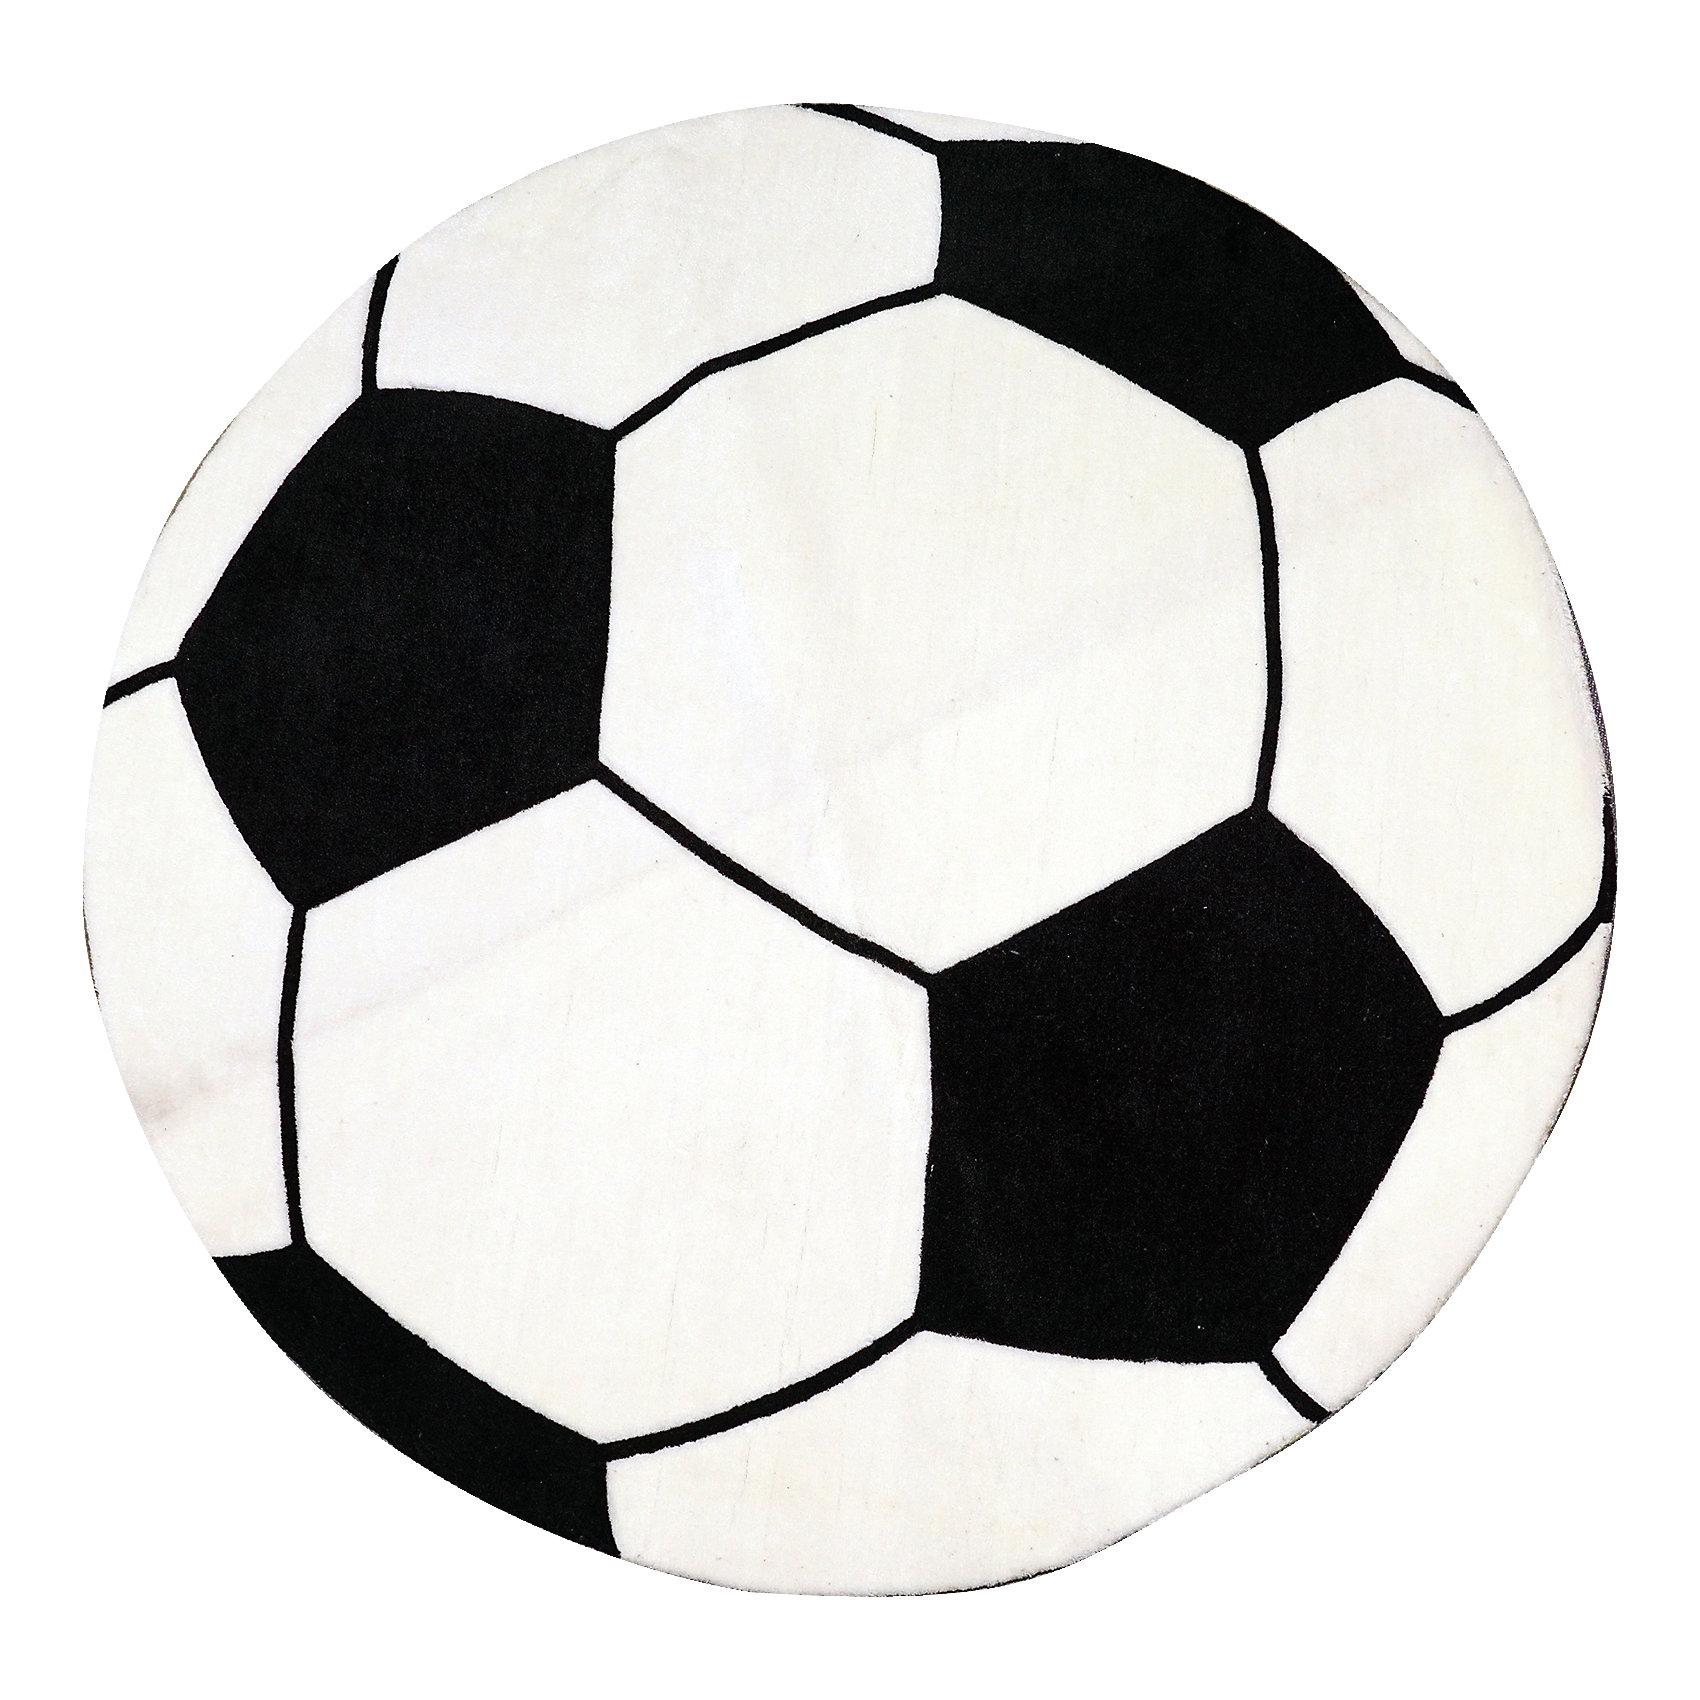 Ковер Мяч, диаметр 1,2 мЯркий ковер, выполненный в виде футбольного мяча, прекрасно впишется в интерьер детской и приведет в восторг любого ребенка. Ковер изготовлен из акриловой пряжи, он очень мягкий на ощупь, гипоаллергенный, легко чистится, мало весит, прекрасно сохраняет тепло. Края изделия аккуратно и надежно обработаны. Подложка выполнена из текстильного материала - полихлопка (хлопок и полиэстер в соотношении 80/20). Полихлопок обладает высокой степенью износостойкости и в то же время достаточно мягок, чтобы не наносить повреждения на ламинированные и паркетные полы.<br><br>Дополнительная информация:<br><br>- Материал: акрил, полихлопок. <br>- Размер: d - 1,2.<br>- Цвет: черный, белый. <br>- Отличная теплопроводность. <br>- Антистатичность. <br>- Цветостойкость: долго сохраняет яркость цвета. <br><br>Ковер Мяч, диаметр 1,2 м, можно купить в нашем магазине.<br><br>Ширина мм: 1200<br>Глубина мм: 120<br>Высота мм: 120<br>Вес г: 2680<br>Возраст от месяцев: -2147483648<br>Возраст до месяцев: 2147483647<br>Пол: Мужской<br>Возраст: Детский<br>SKU: 4537006